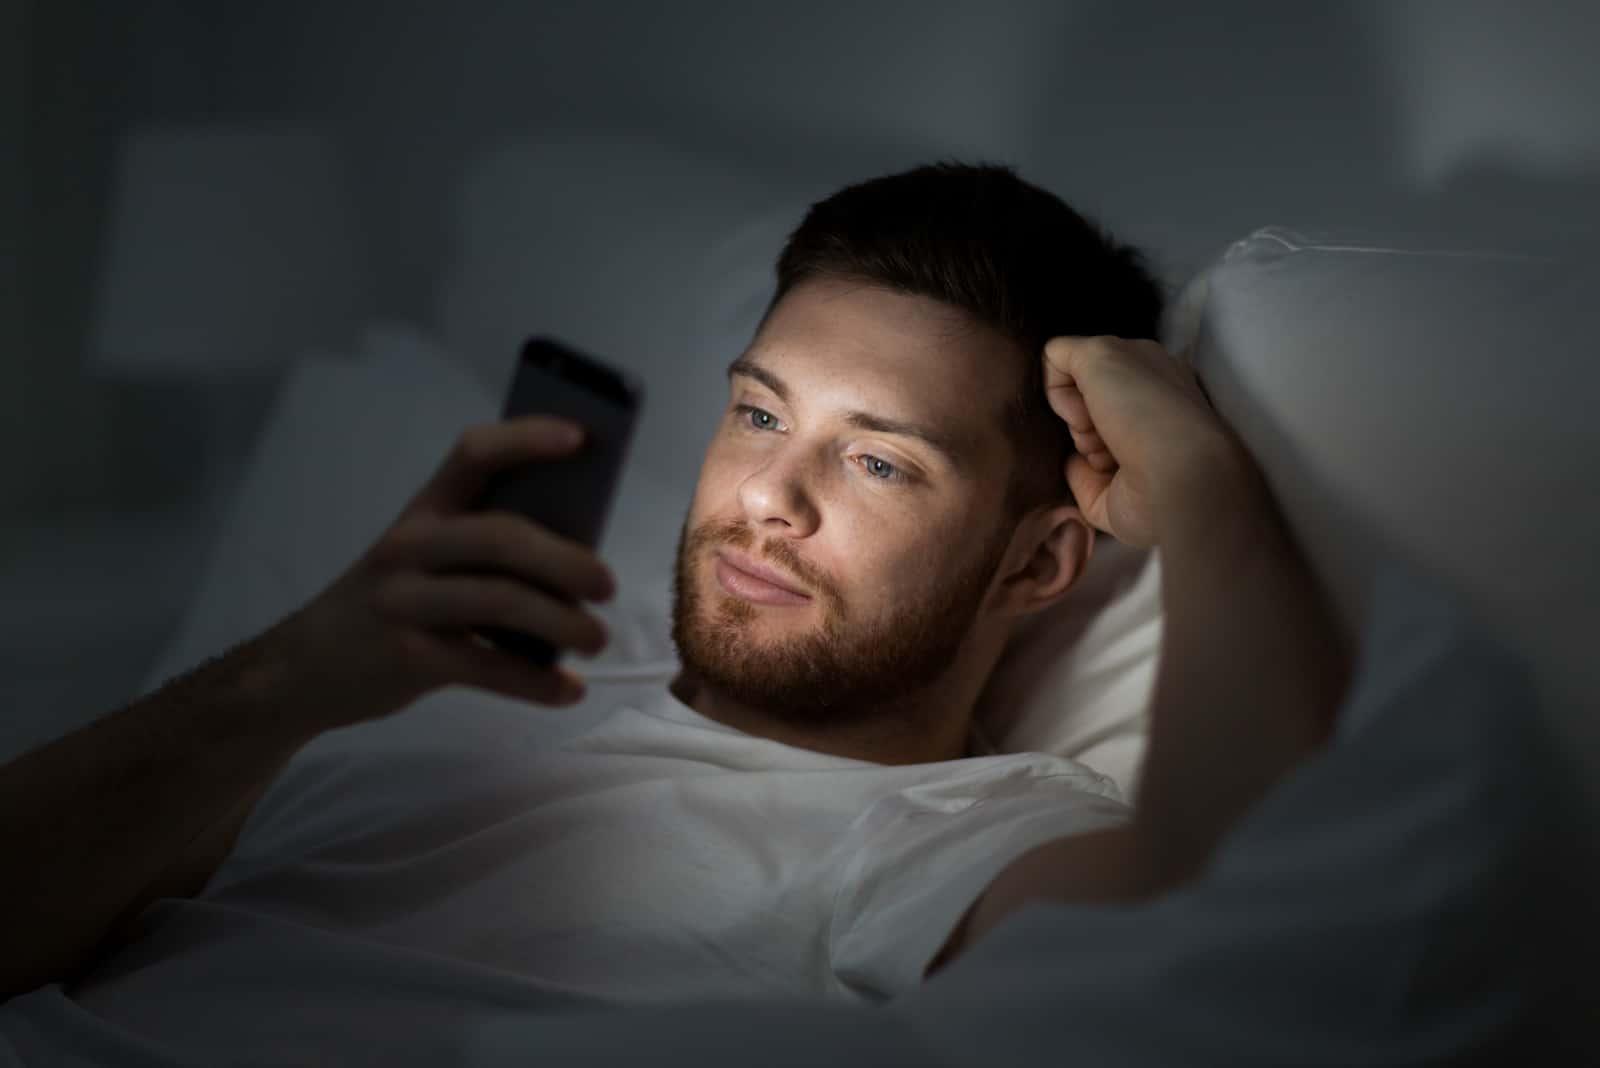 un homme est allongé dans son lit et un bouton sur le téléphone